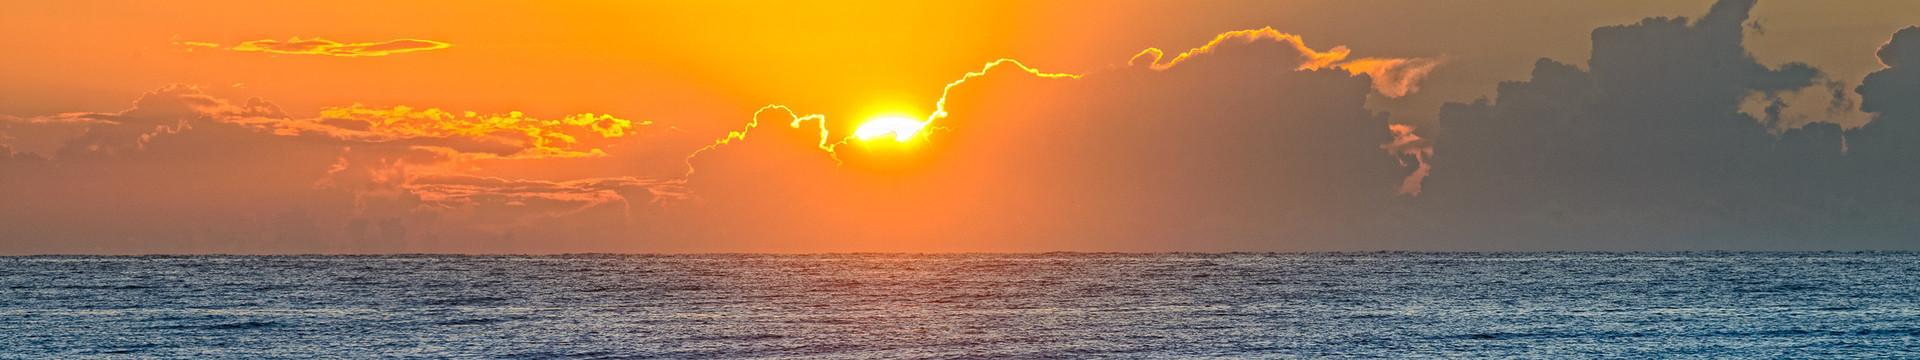 Sunrise - Westgate Resorts